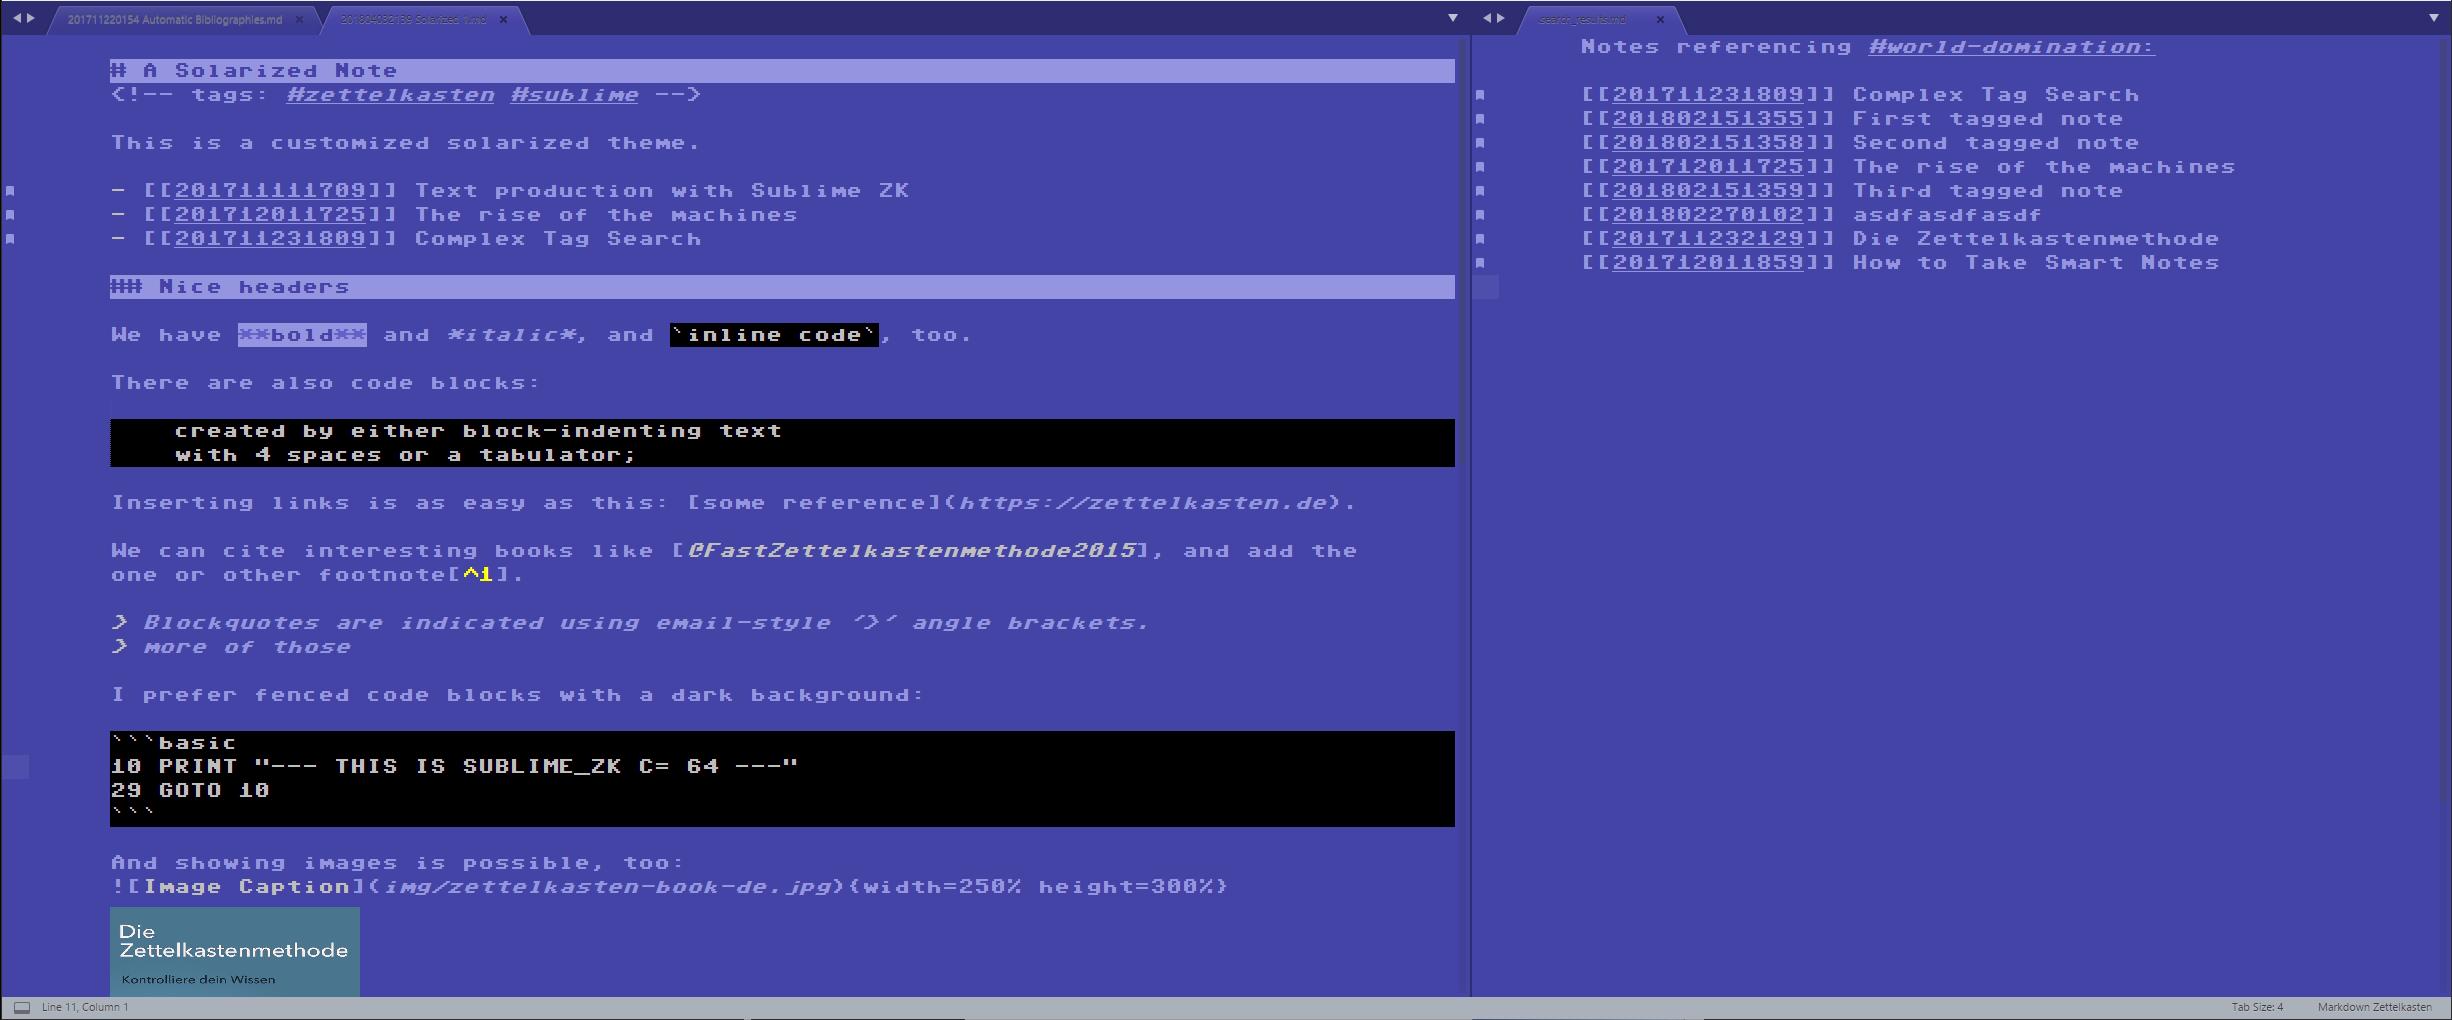 GitHub - renerocksai/sublime_zk: A SublimeText3 package